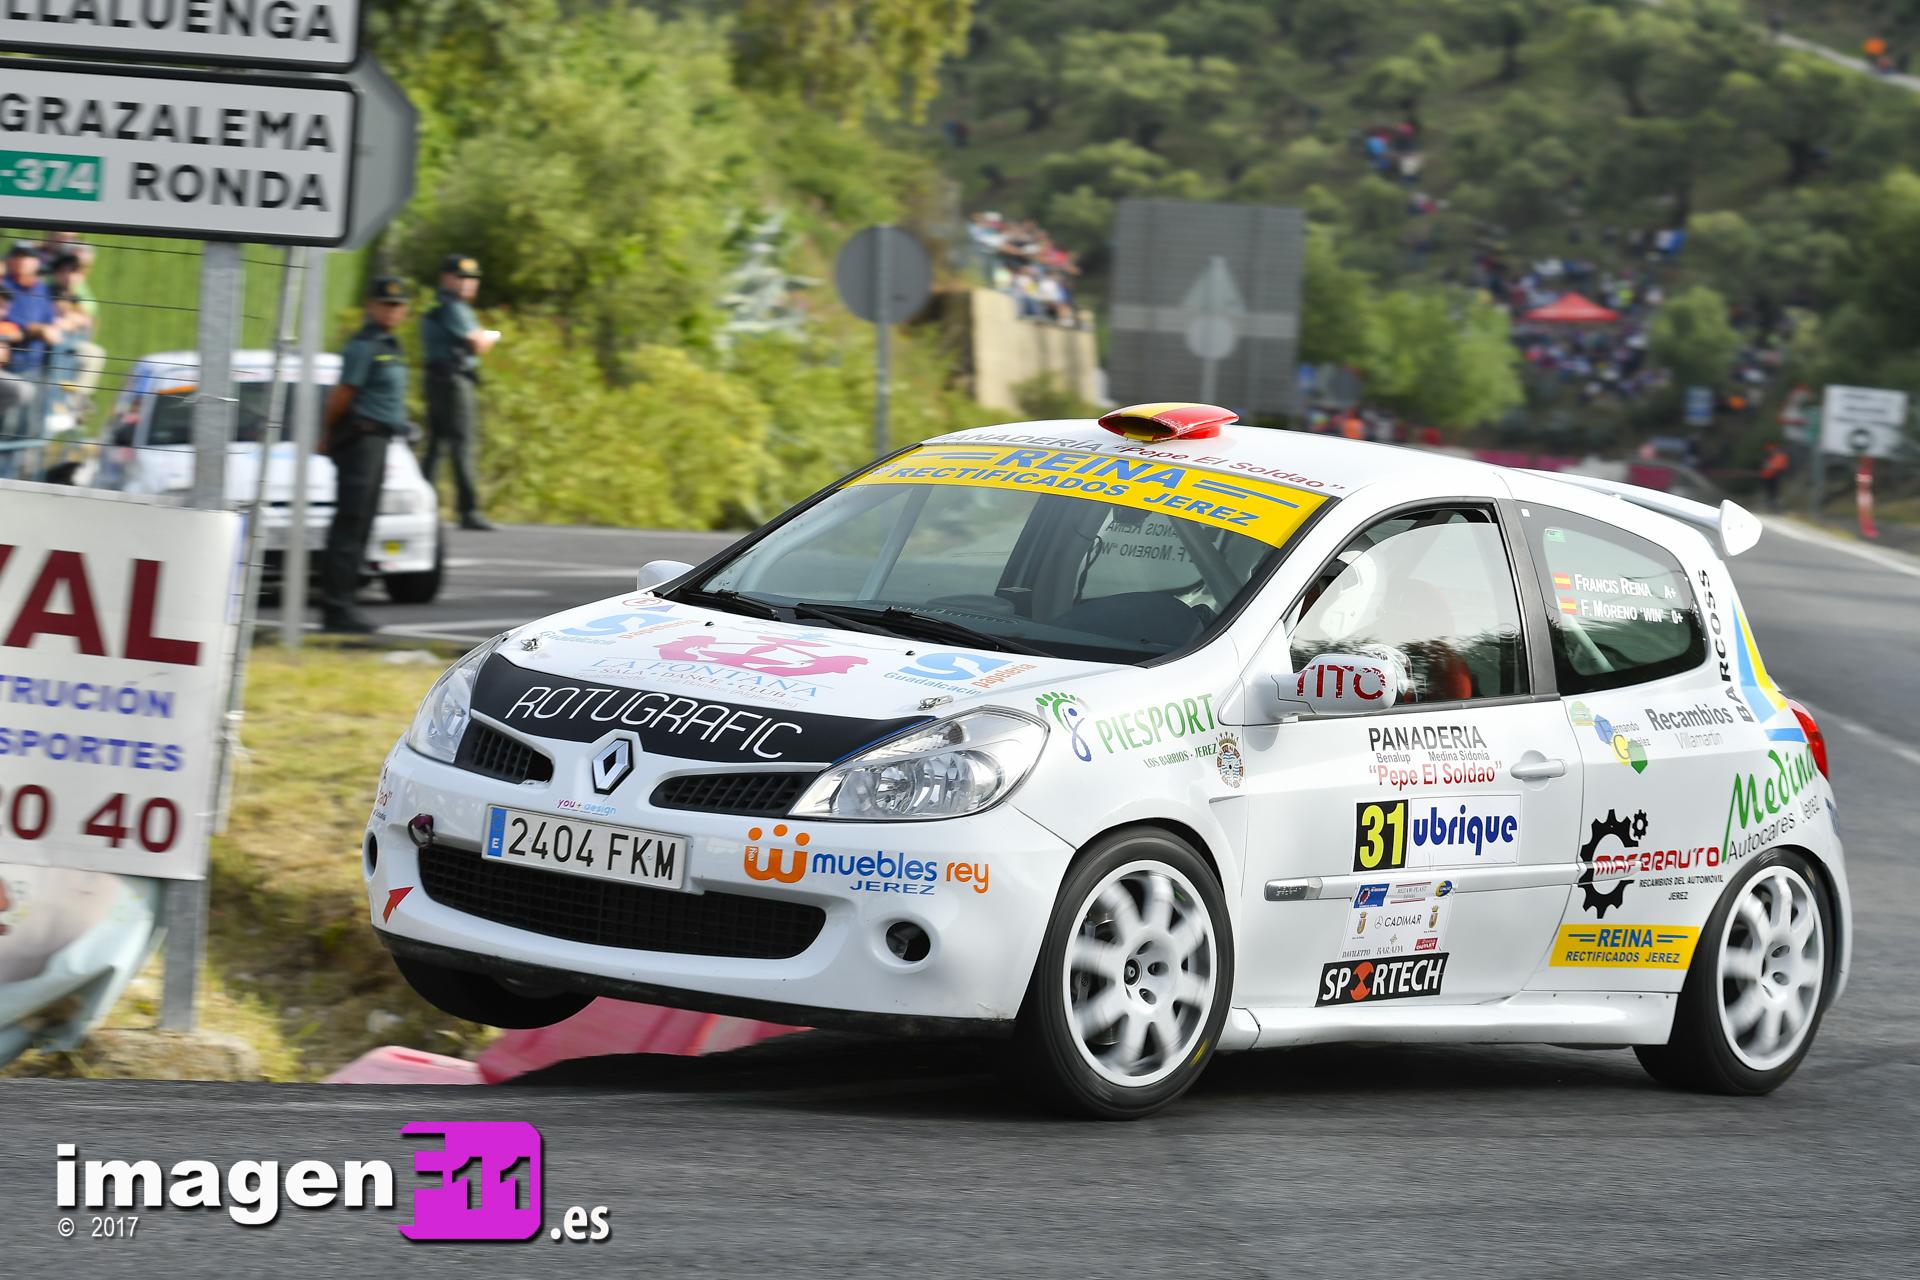 Francisco Reina, Renault Clio Cup, Subida a Ubrique